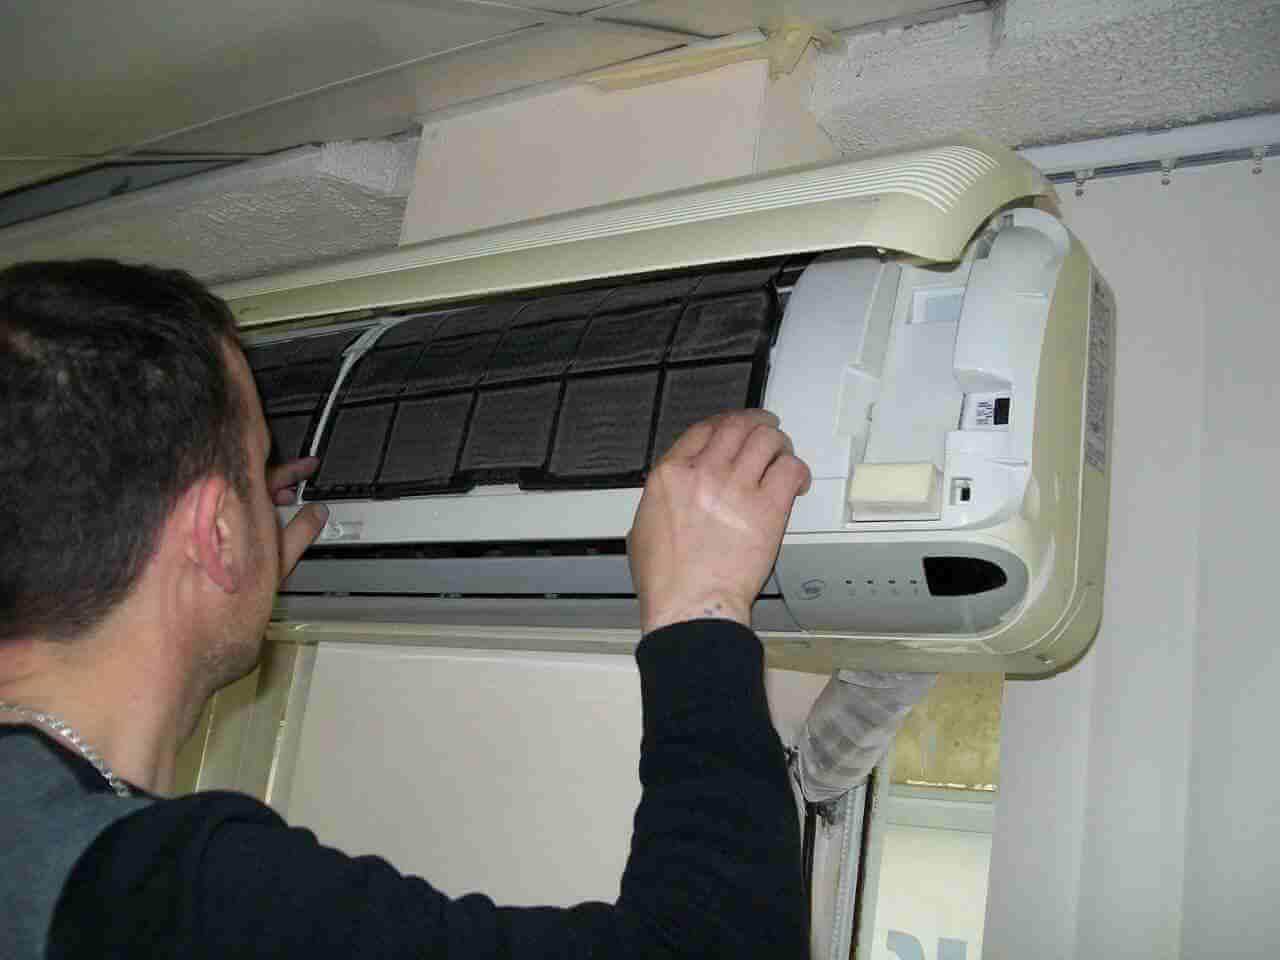 Обслуживание кондиционеров ру установка кондиционера сзао